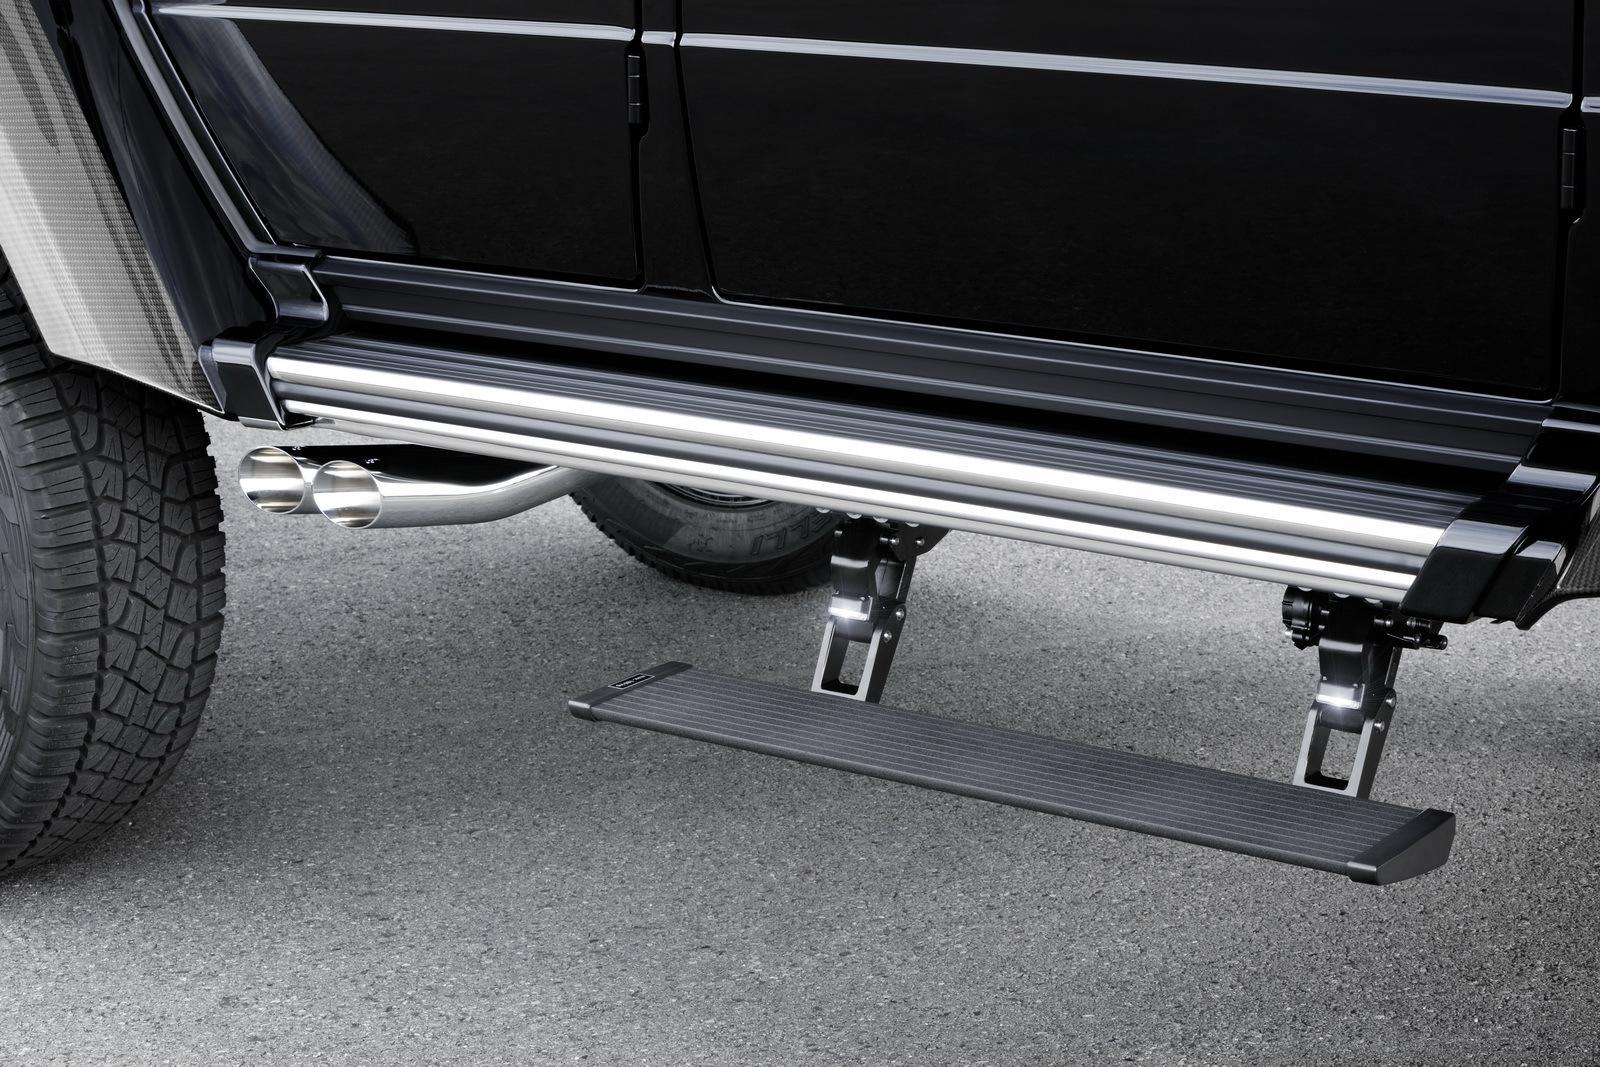 Brabus Mercedes-Benz G 500 4x4²